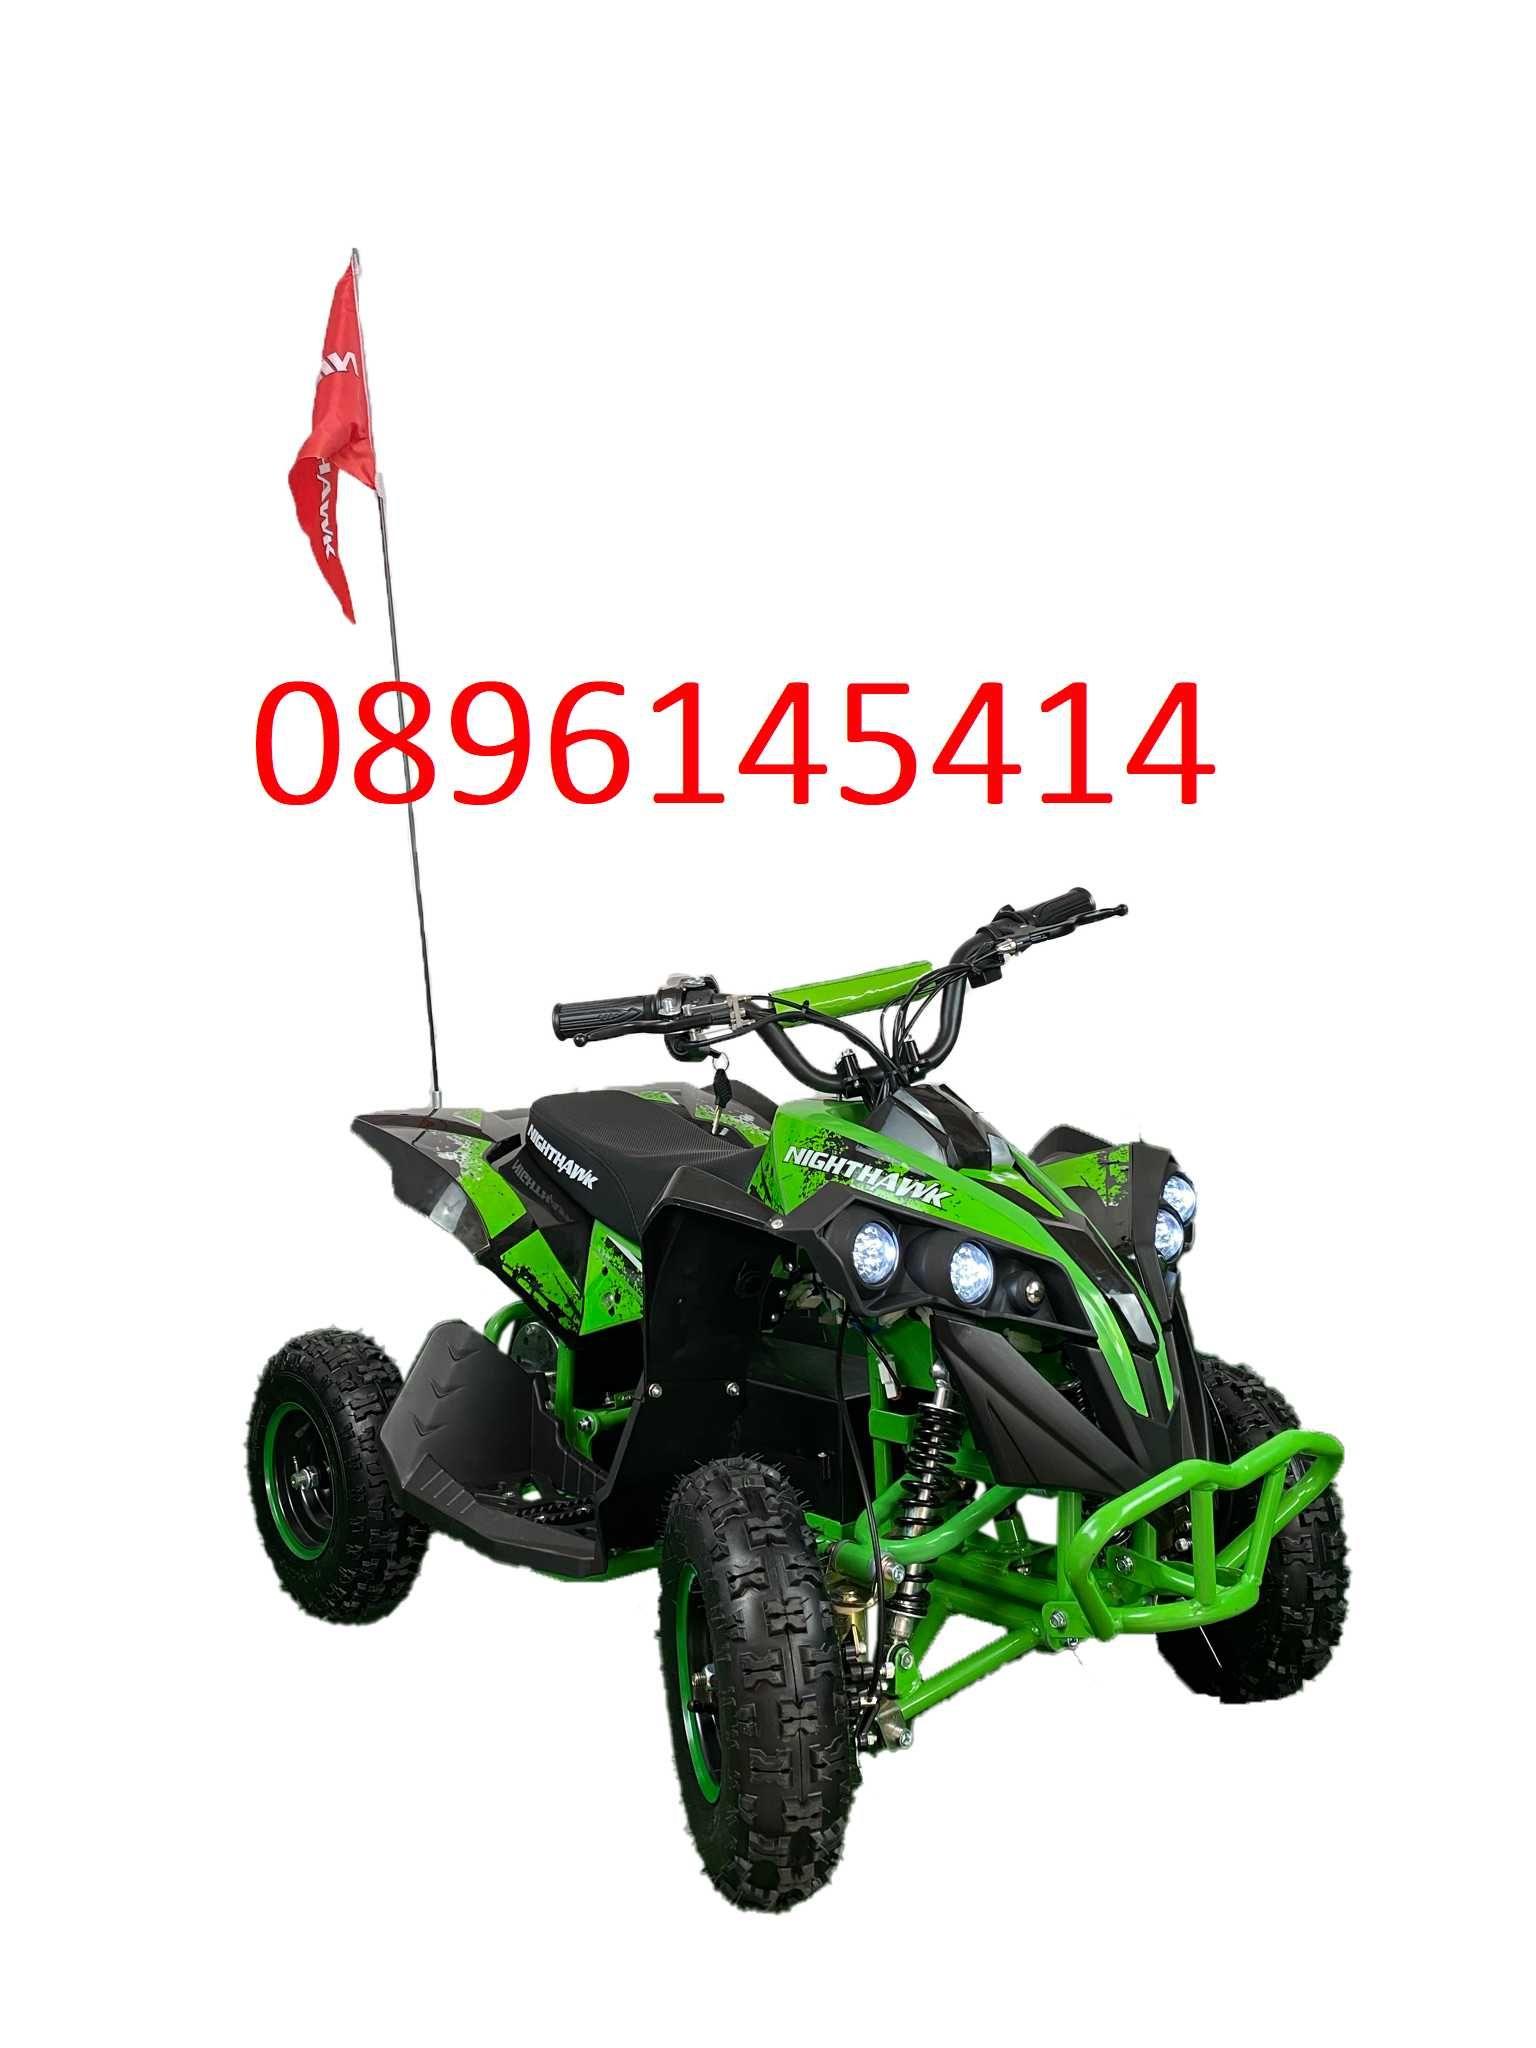 Детско електрическо ATV NIGHTHAWK 1200W + Подаръци и гаранция